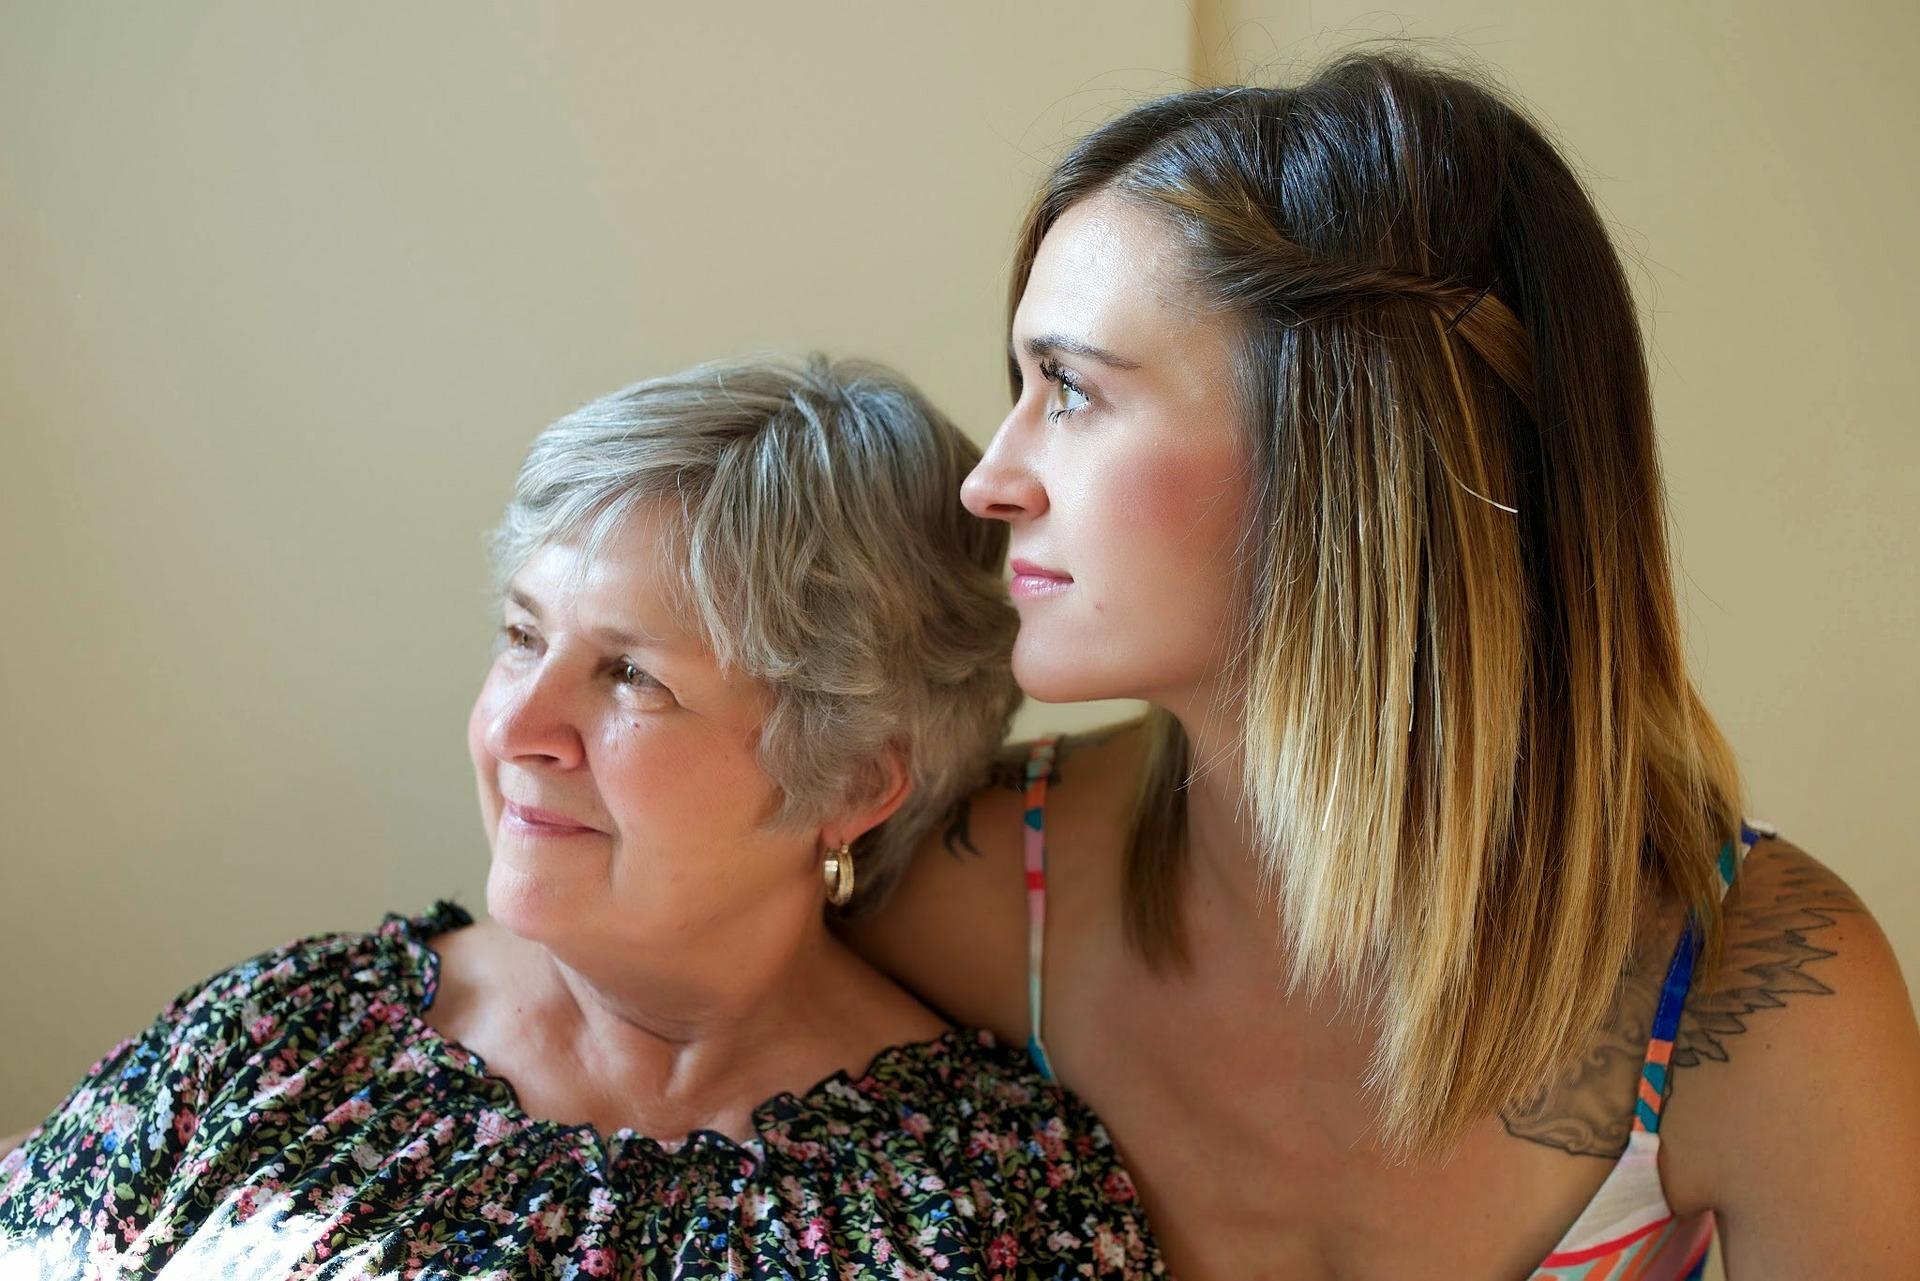 Смотреть подруга и мама парень, Мама с подругой -видео. Смотреть мама с подругой 26 фотография